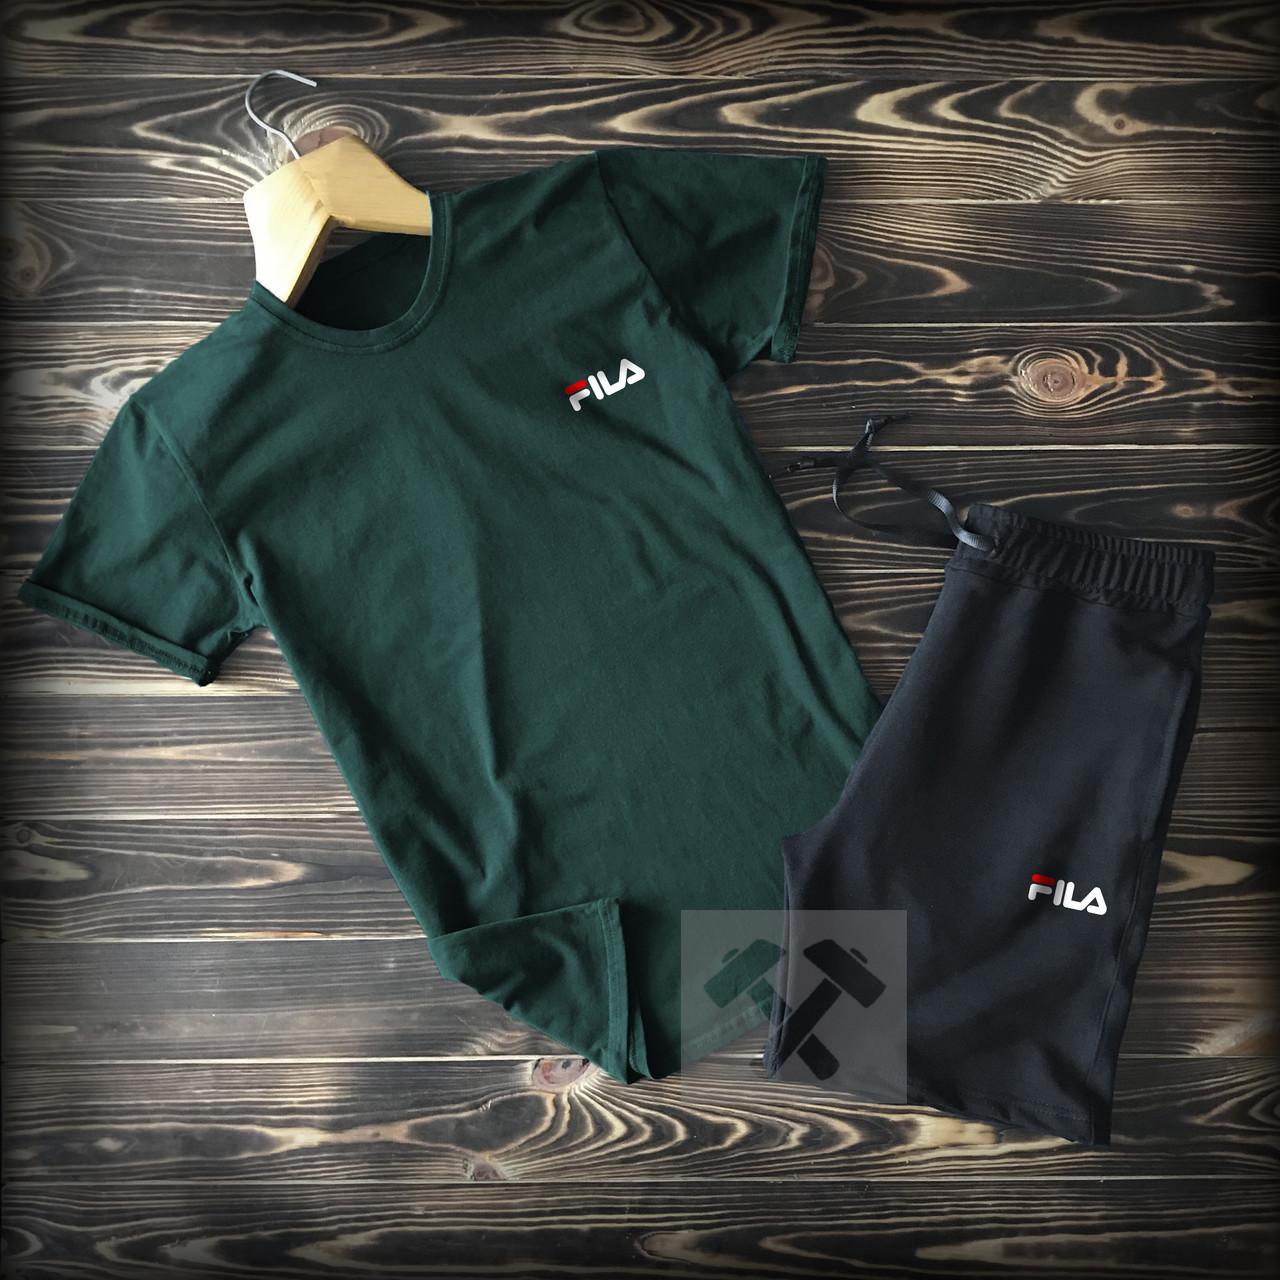 Мужской летний спортивный костюм Fila зеленый топ-реплика